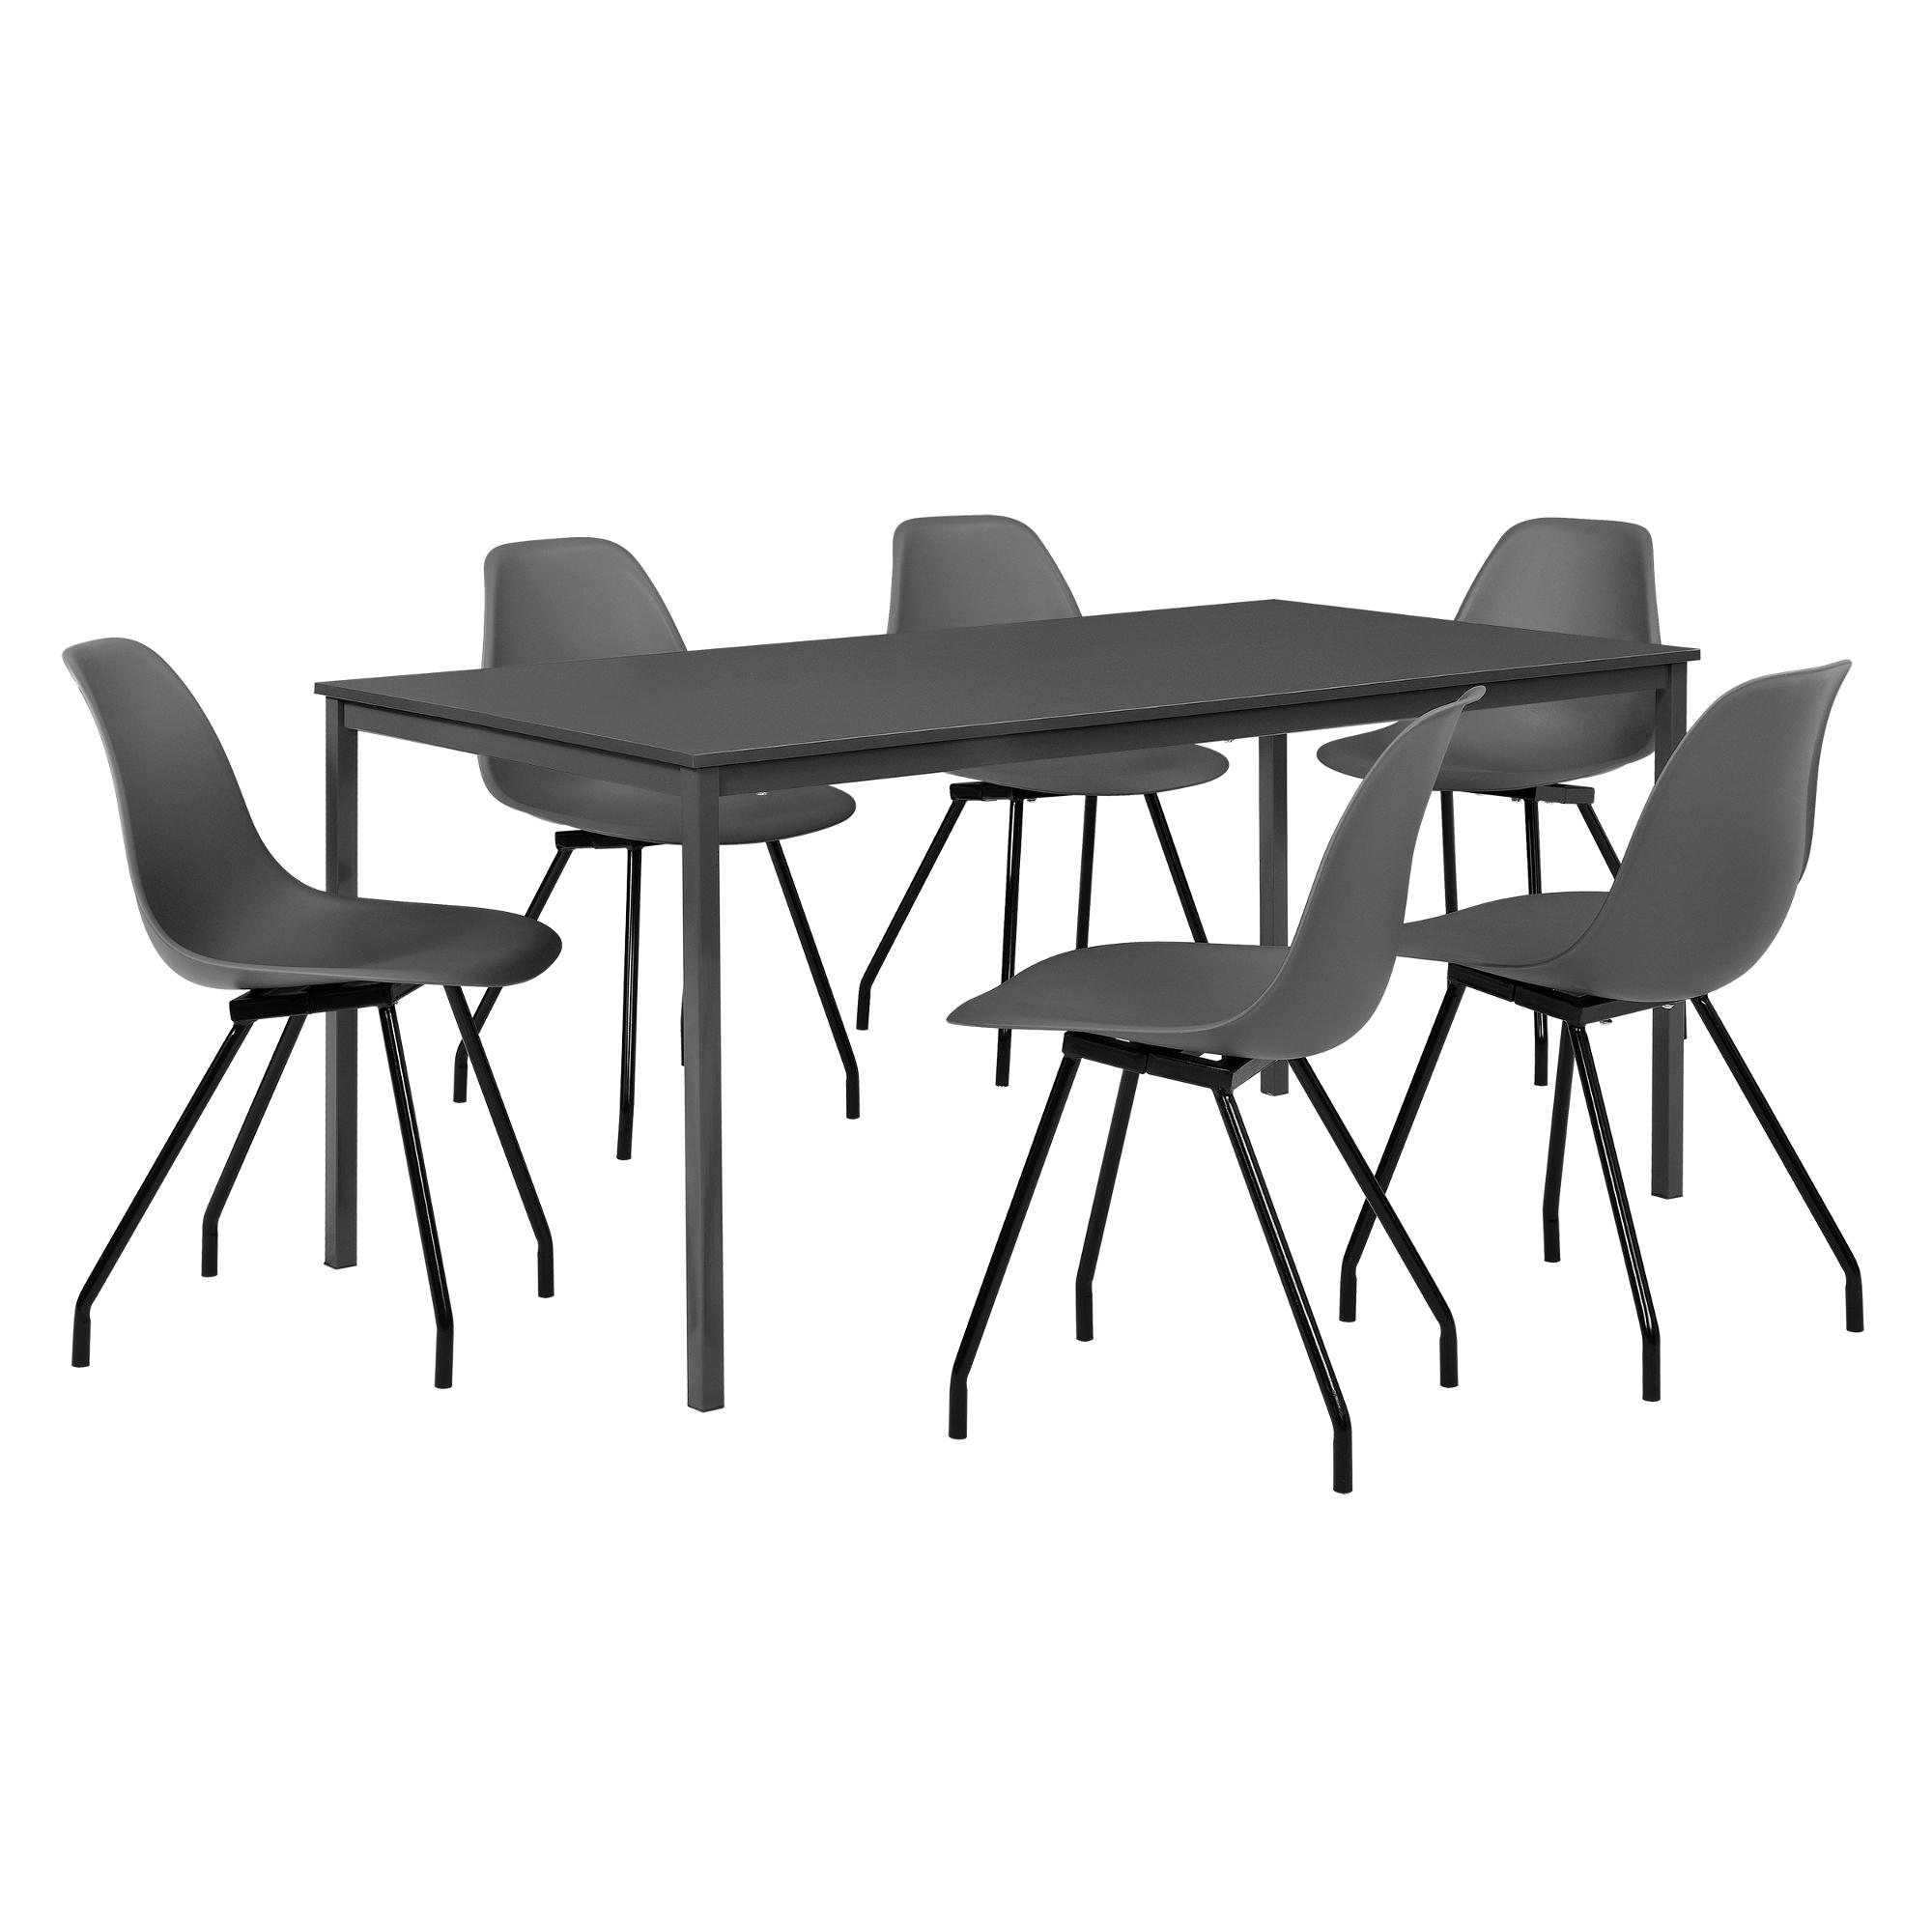 Esstisch mit 6 Stühlen dunkelgrau 180x80cm Küchentisch ...